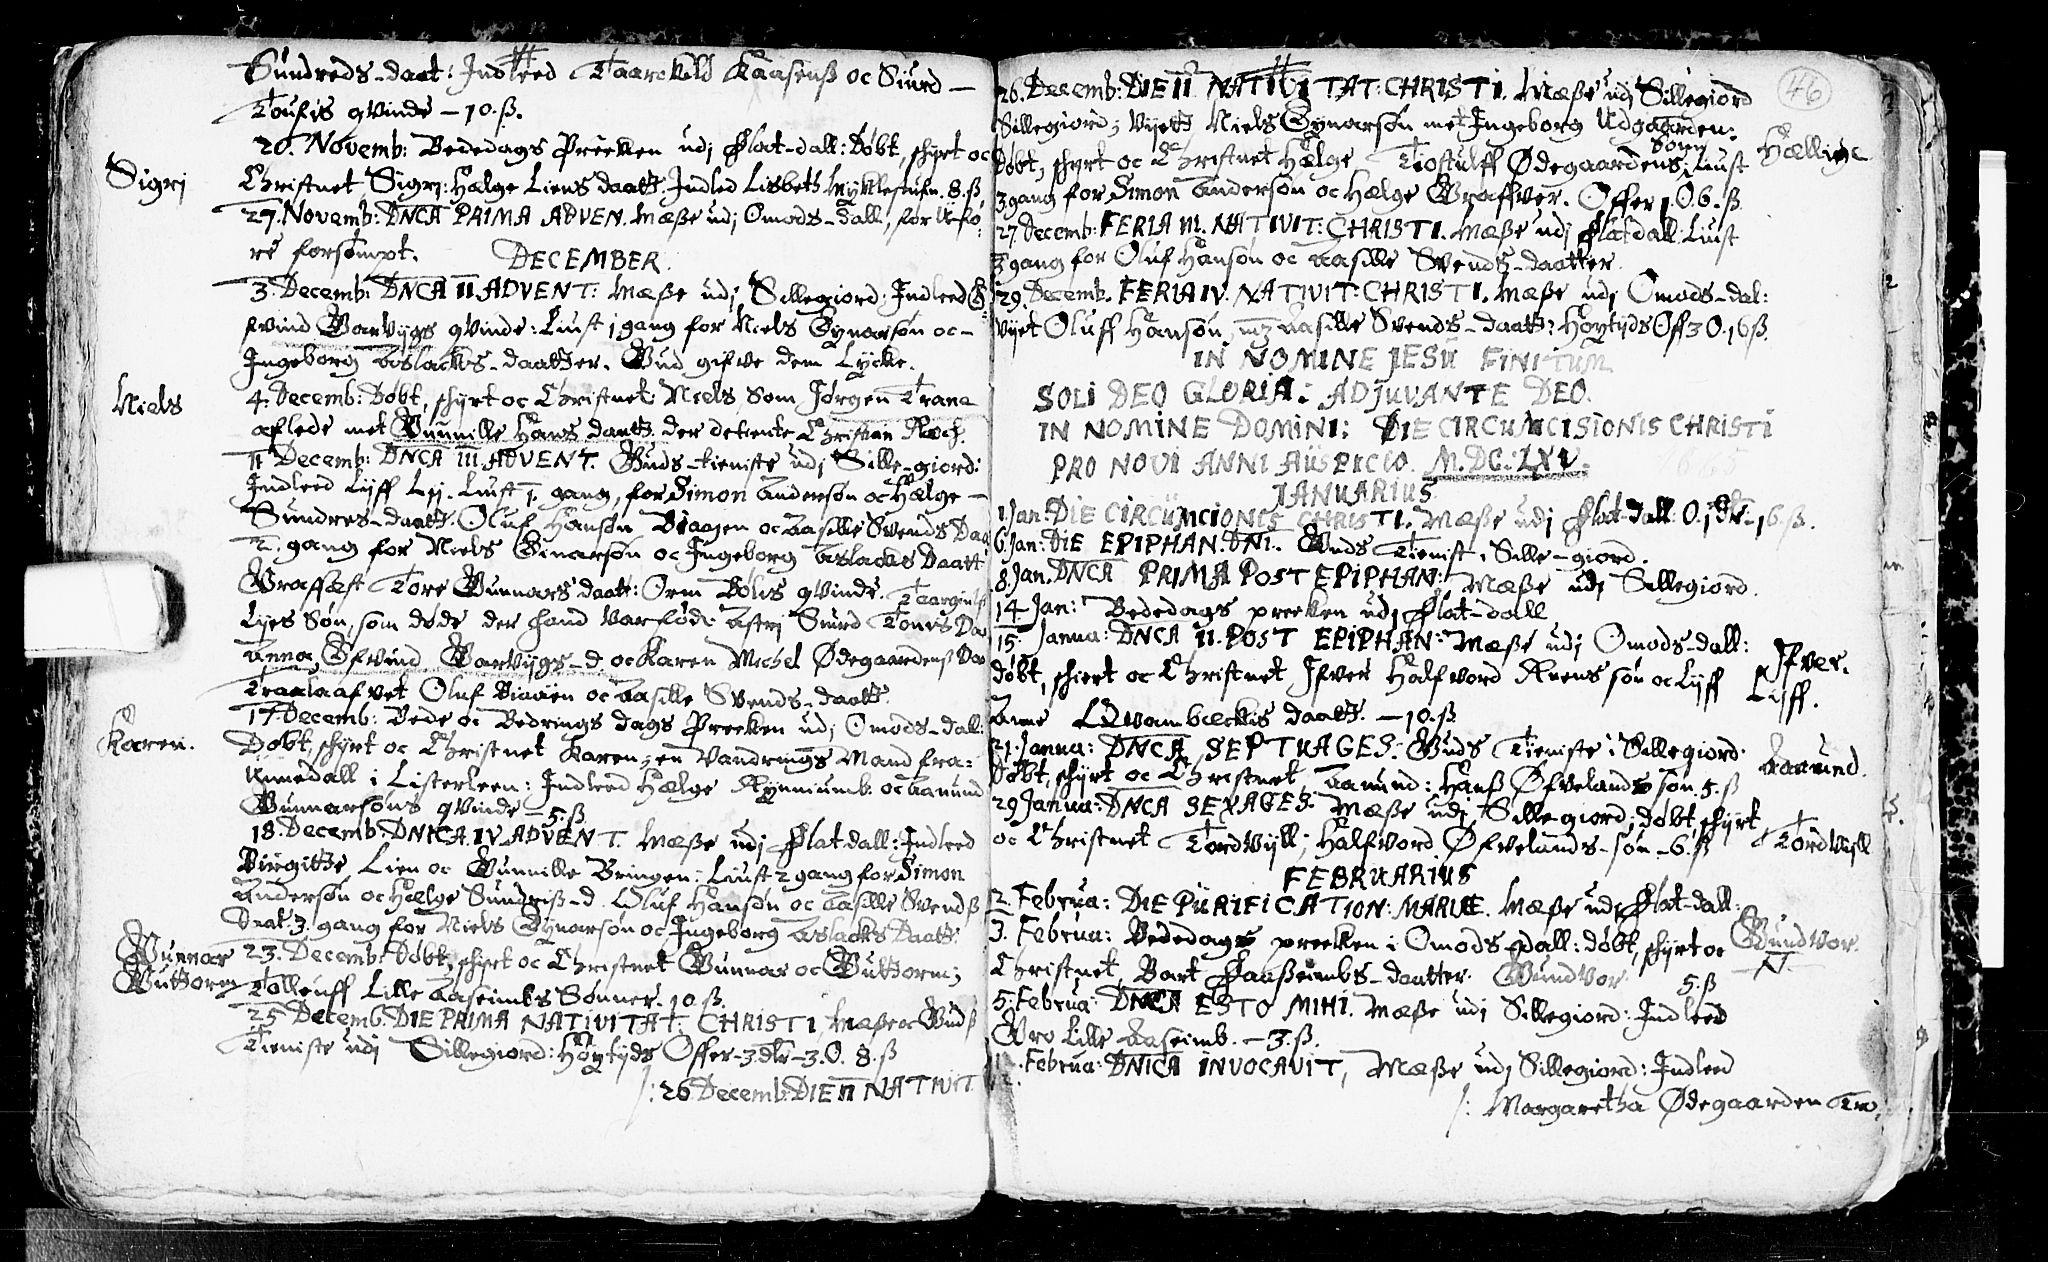 SAKO, Seljord kirkebøker, F/Fa/L0001: Ministerialbok nr. I 1, 1654-1686, s. 46